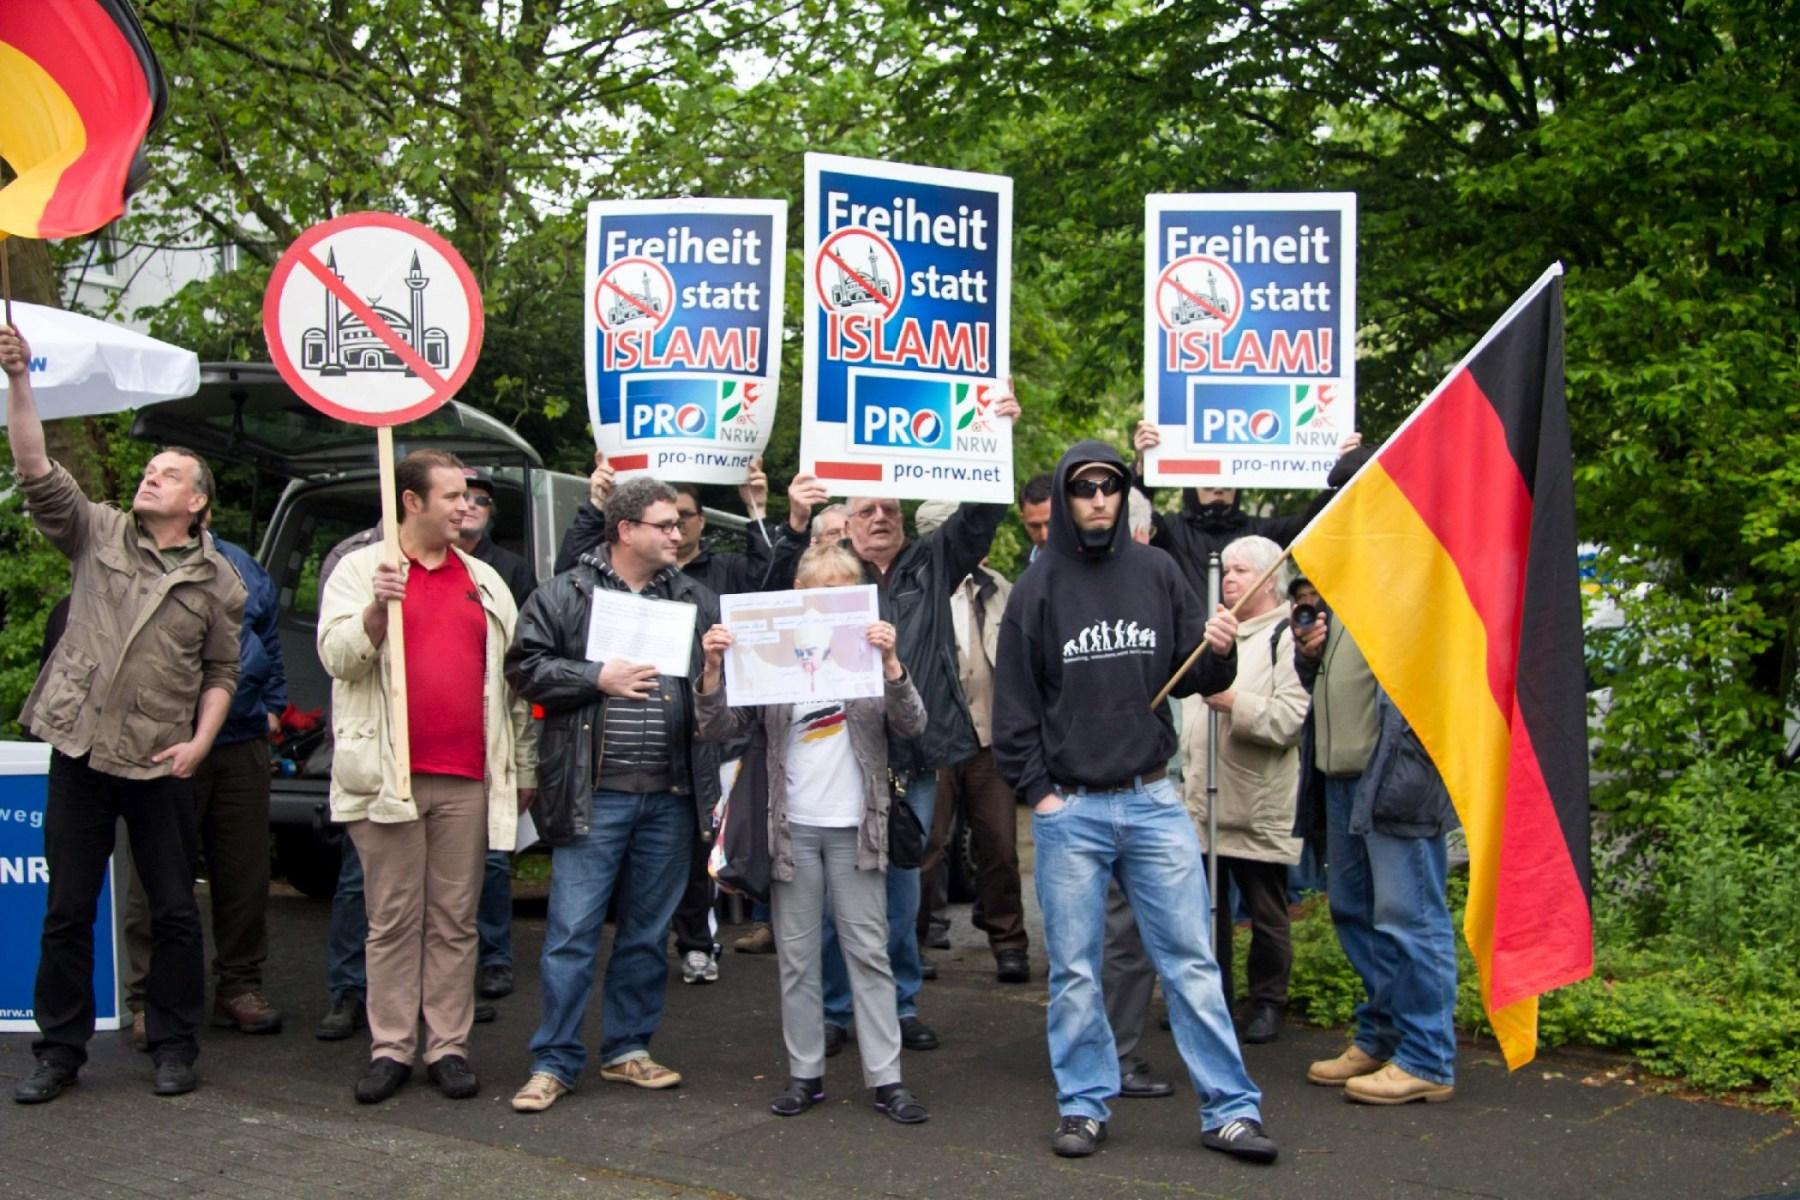 Demo Pro NRW Rat der Muslime: Die Vertreter von Pro NRW spielen ihr durchsichtiges Spiel Foto: Roland KOhls